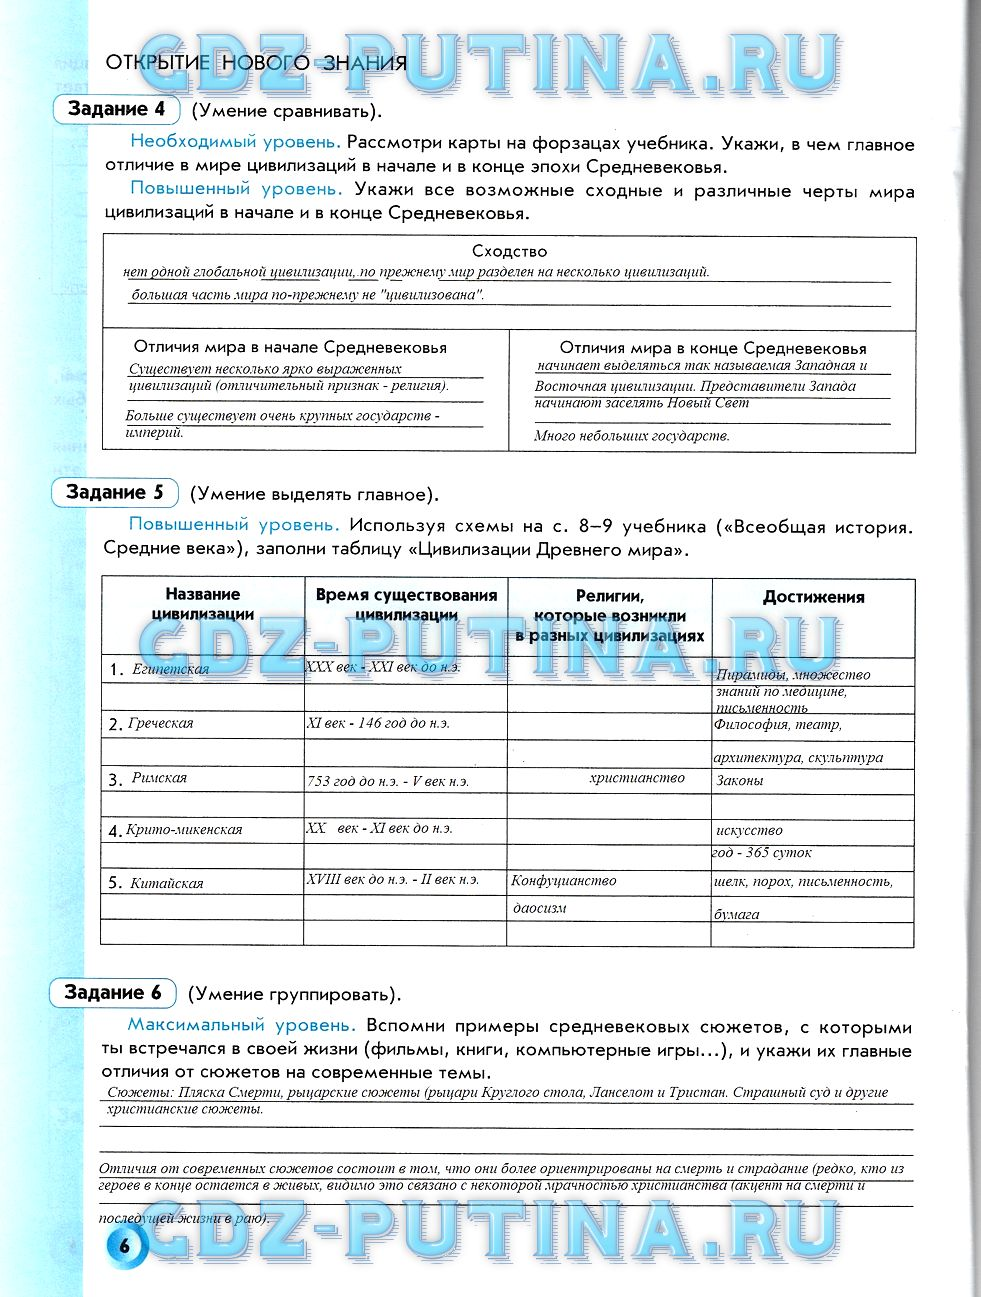 гдз история россии 6 класс учебник данилову